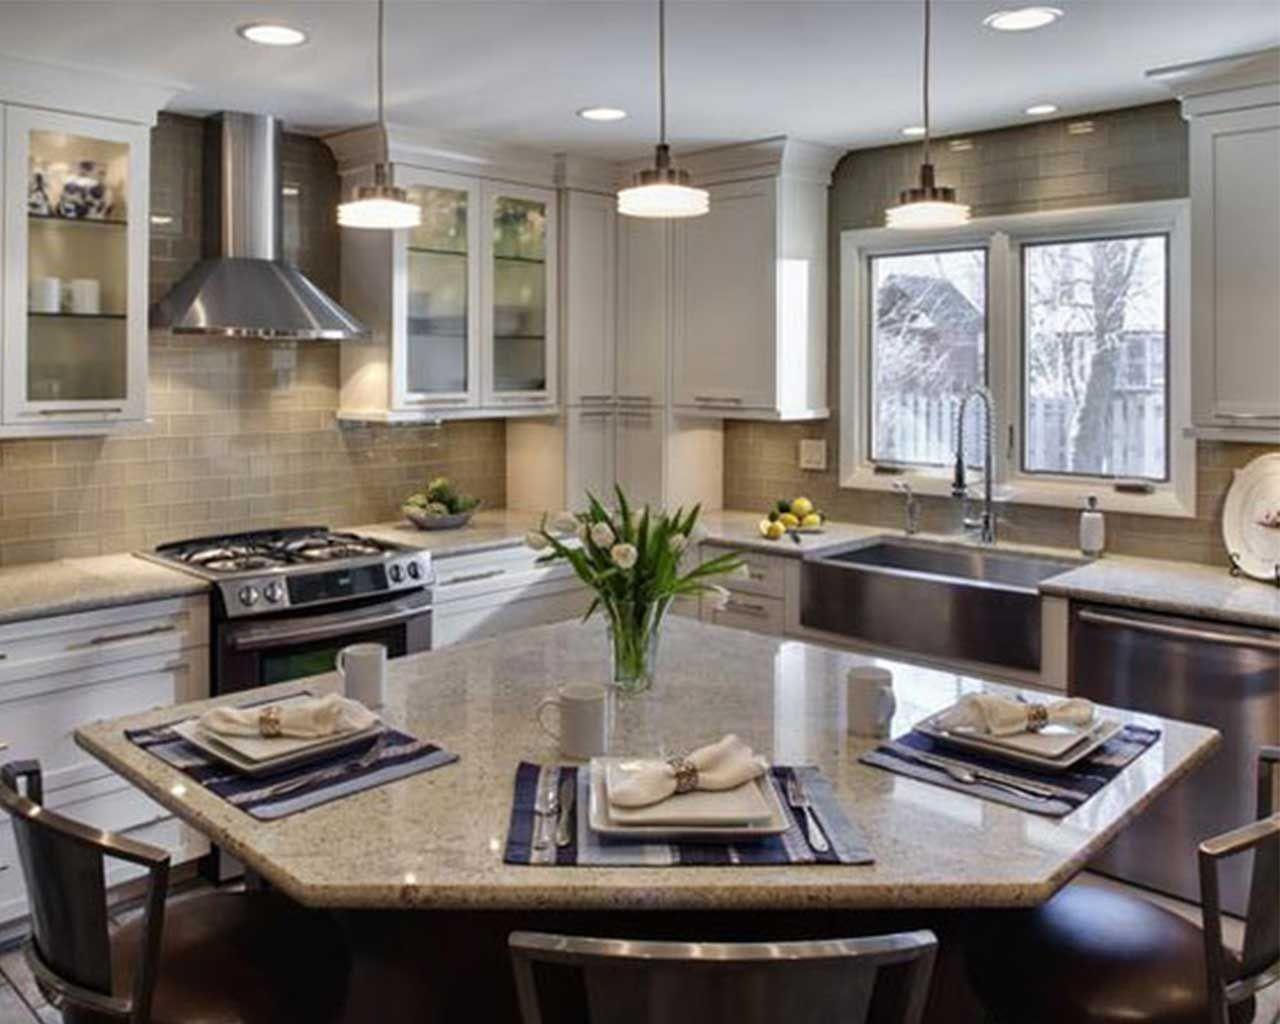 U-förmige küchendesigns l förmige küche zähler ungerade geformte küchen ideal küche layout